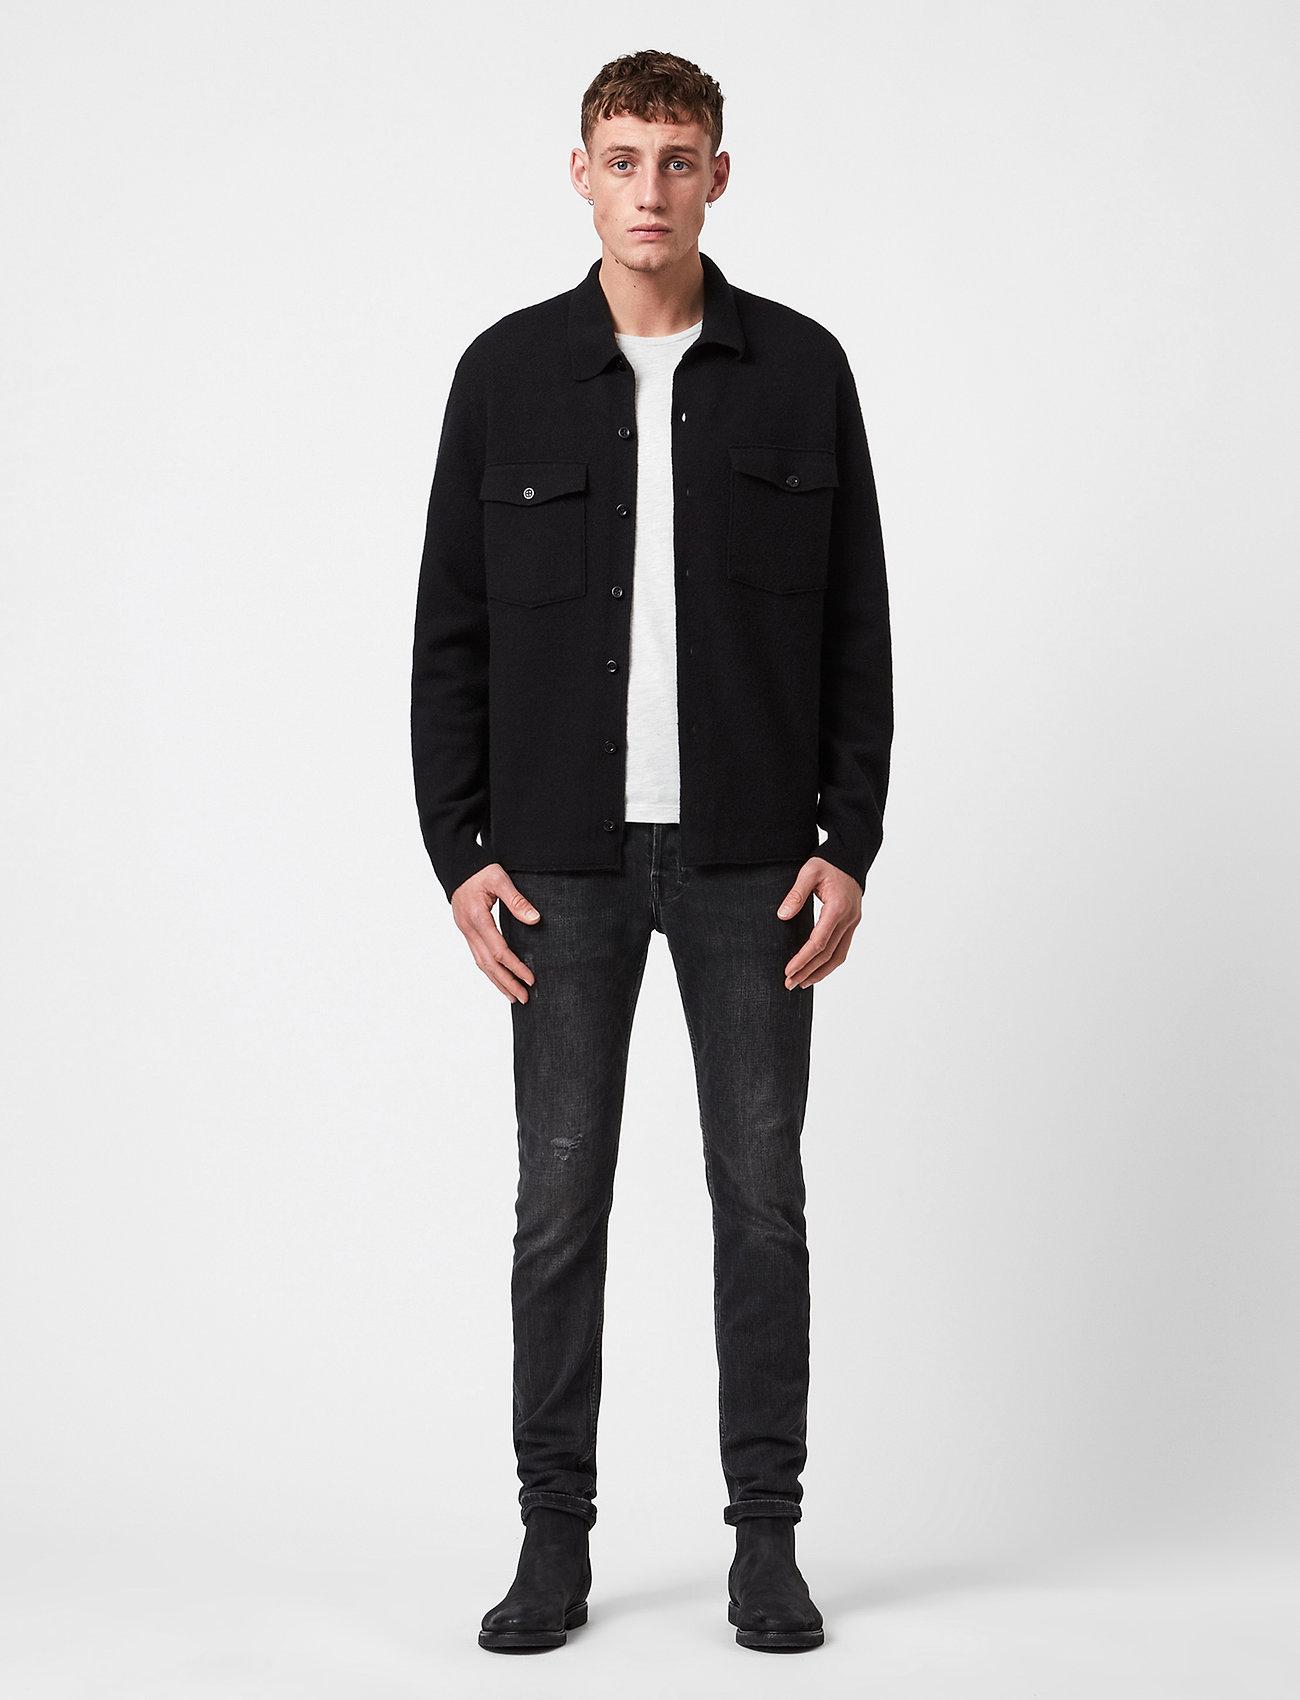 AllSaints - LORI CARDIGAN - wool jackets - black - 0